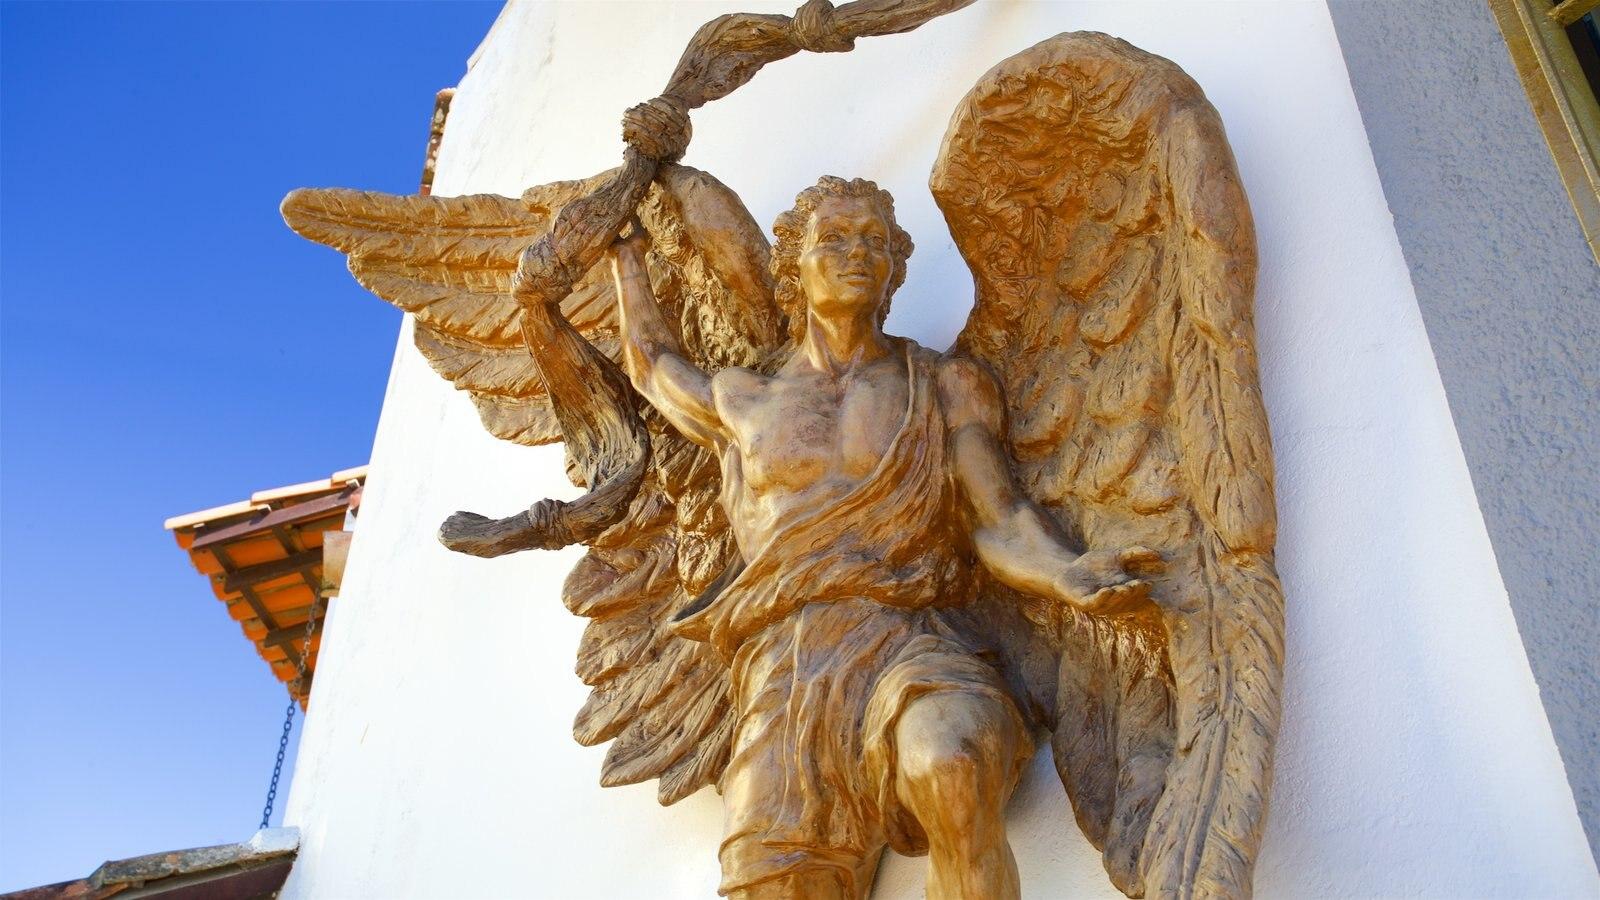 Igreja de Nossa Senhora Desatadora dos Nós caracterizando aspectos religiosos e uma estátua ou escultura